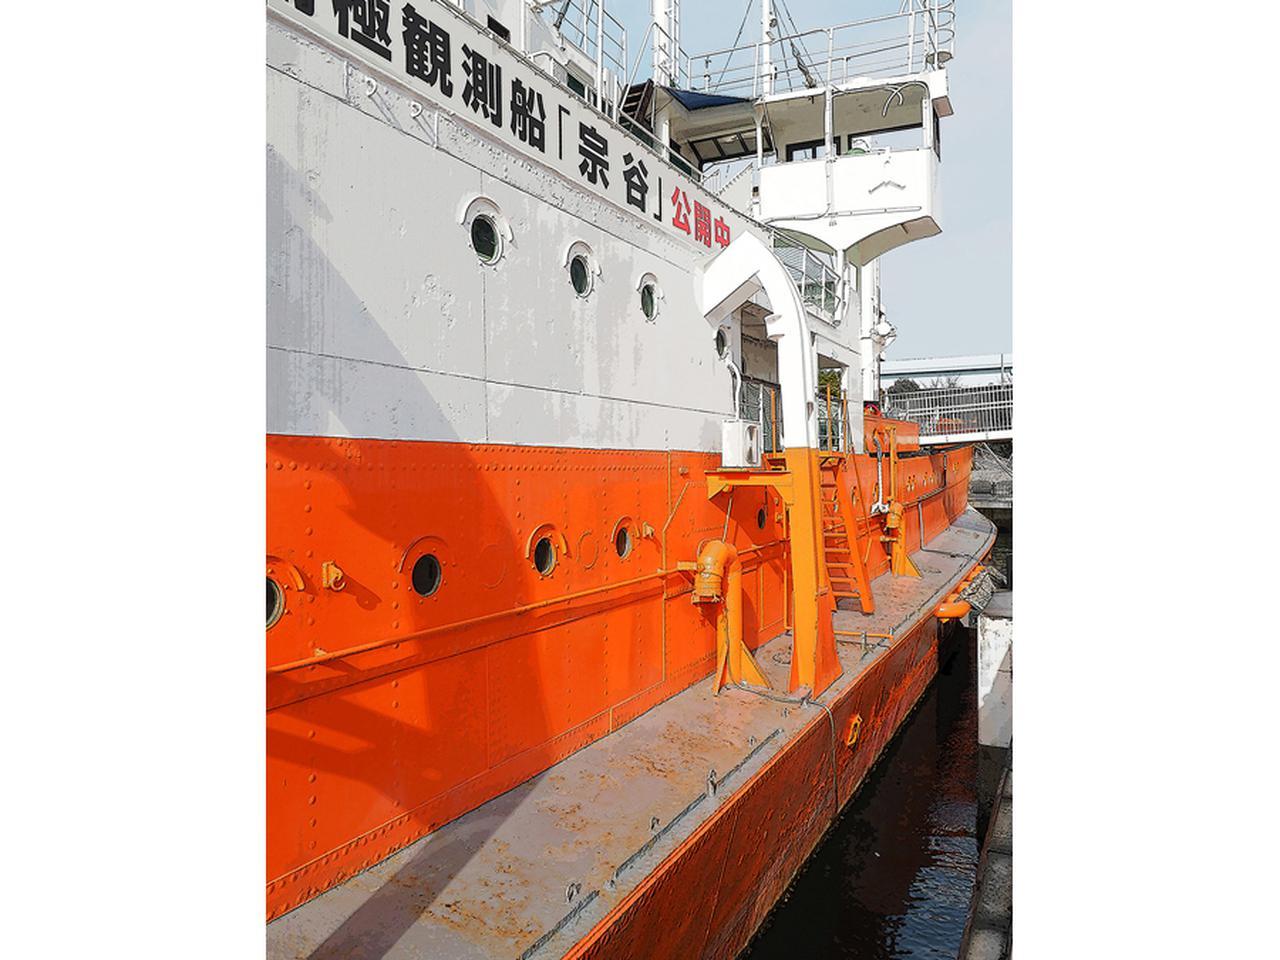 画像: 船体両側面に排水量増加による浮力と復原性強化のため、最大1.5mずつ張り出したバルジを設けた。南極観測船=砕氷船を新造できなかった当時、最大限の造船技術を投入した。